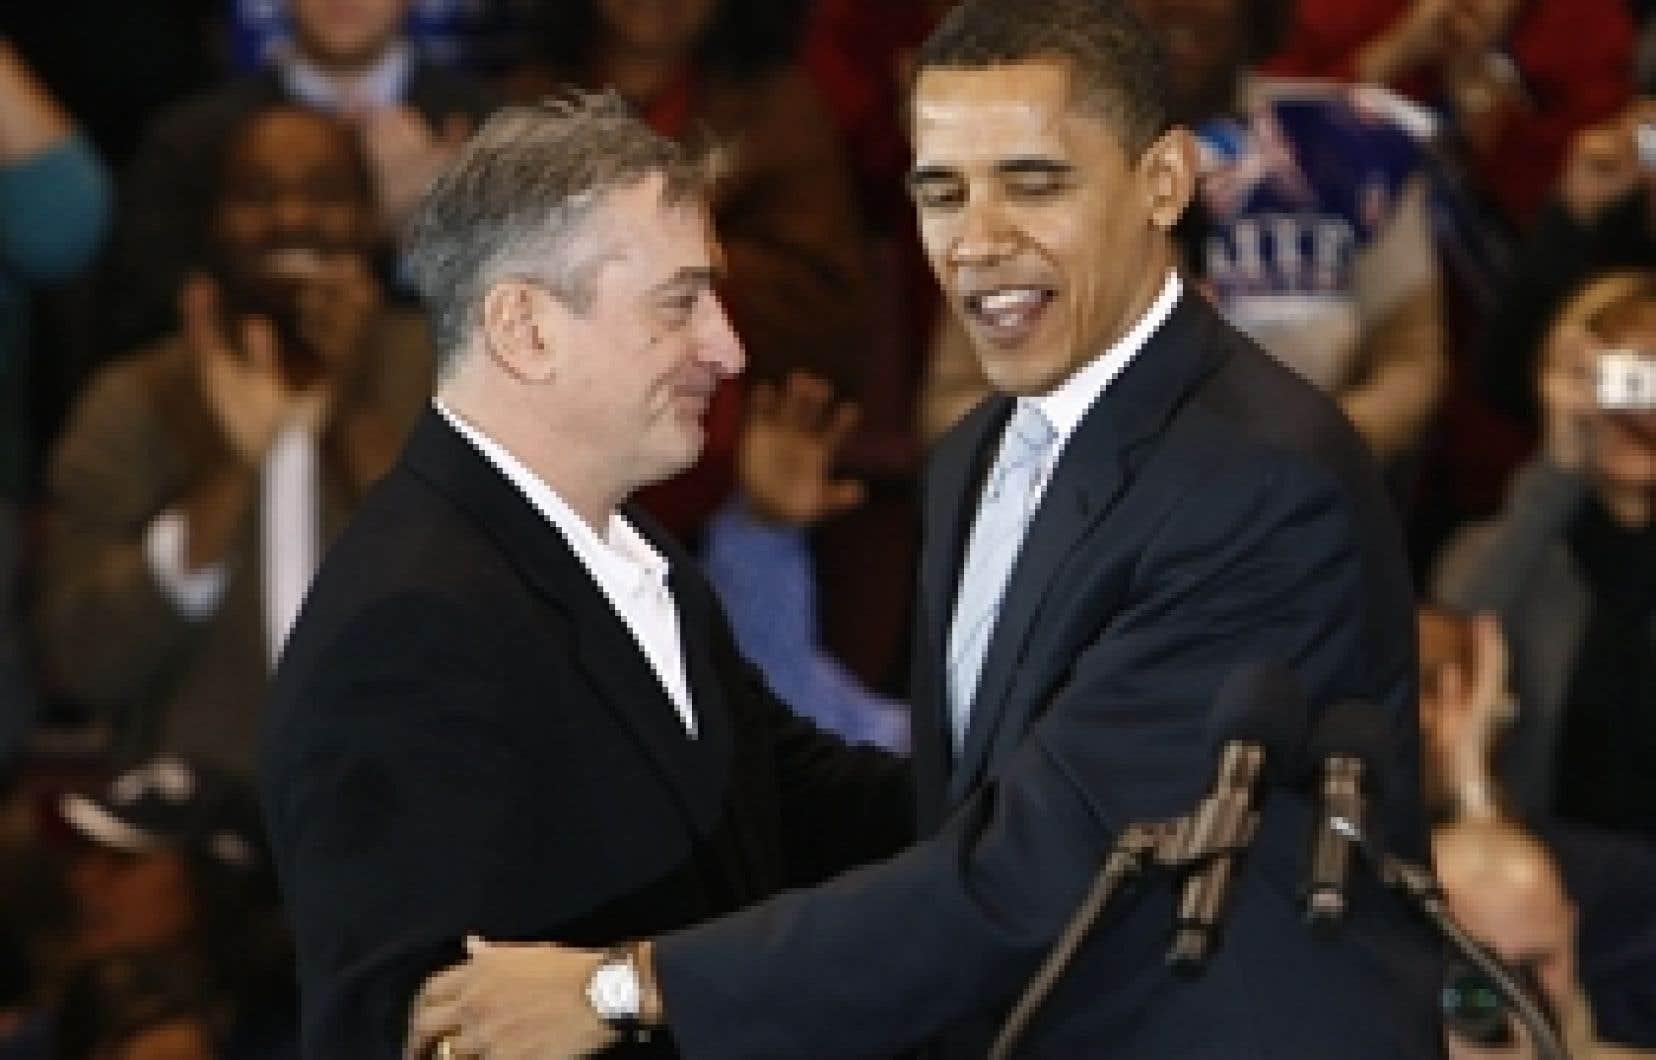 L'acteur Robert de Niro a apporté hier son soutien au démocrate Barack Obama lors d'un rassemblement dans le New Jersey.